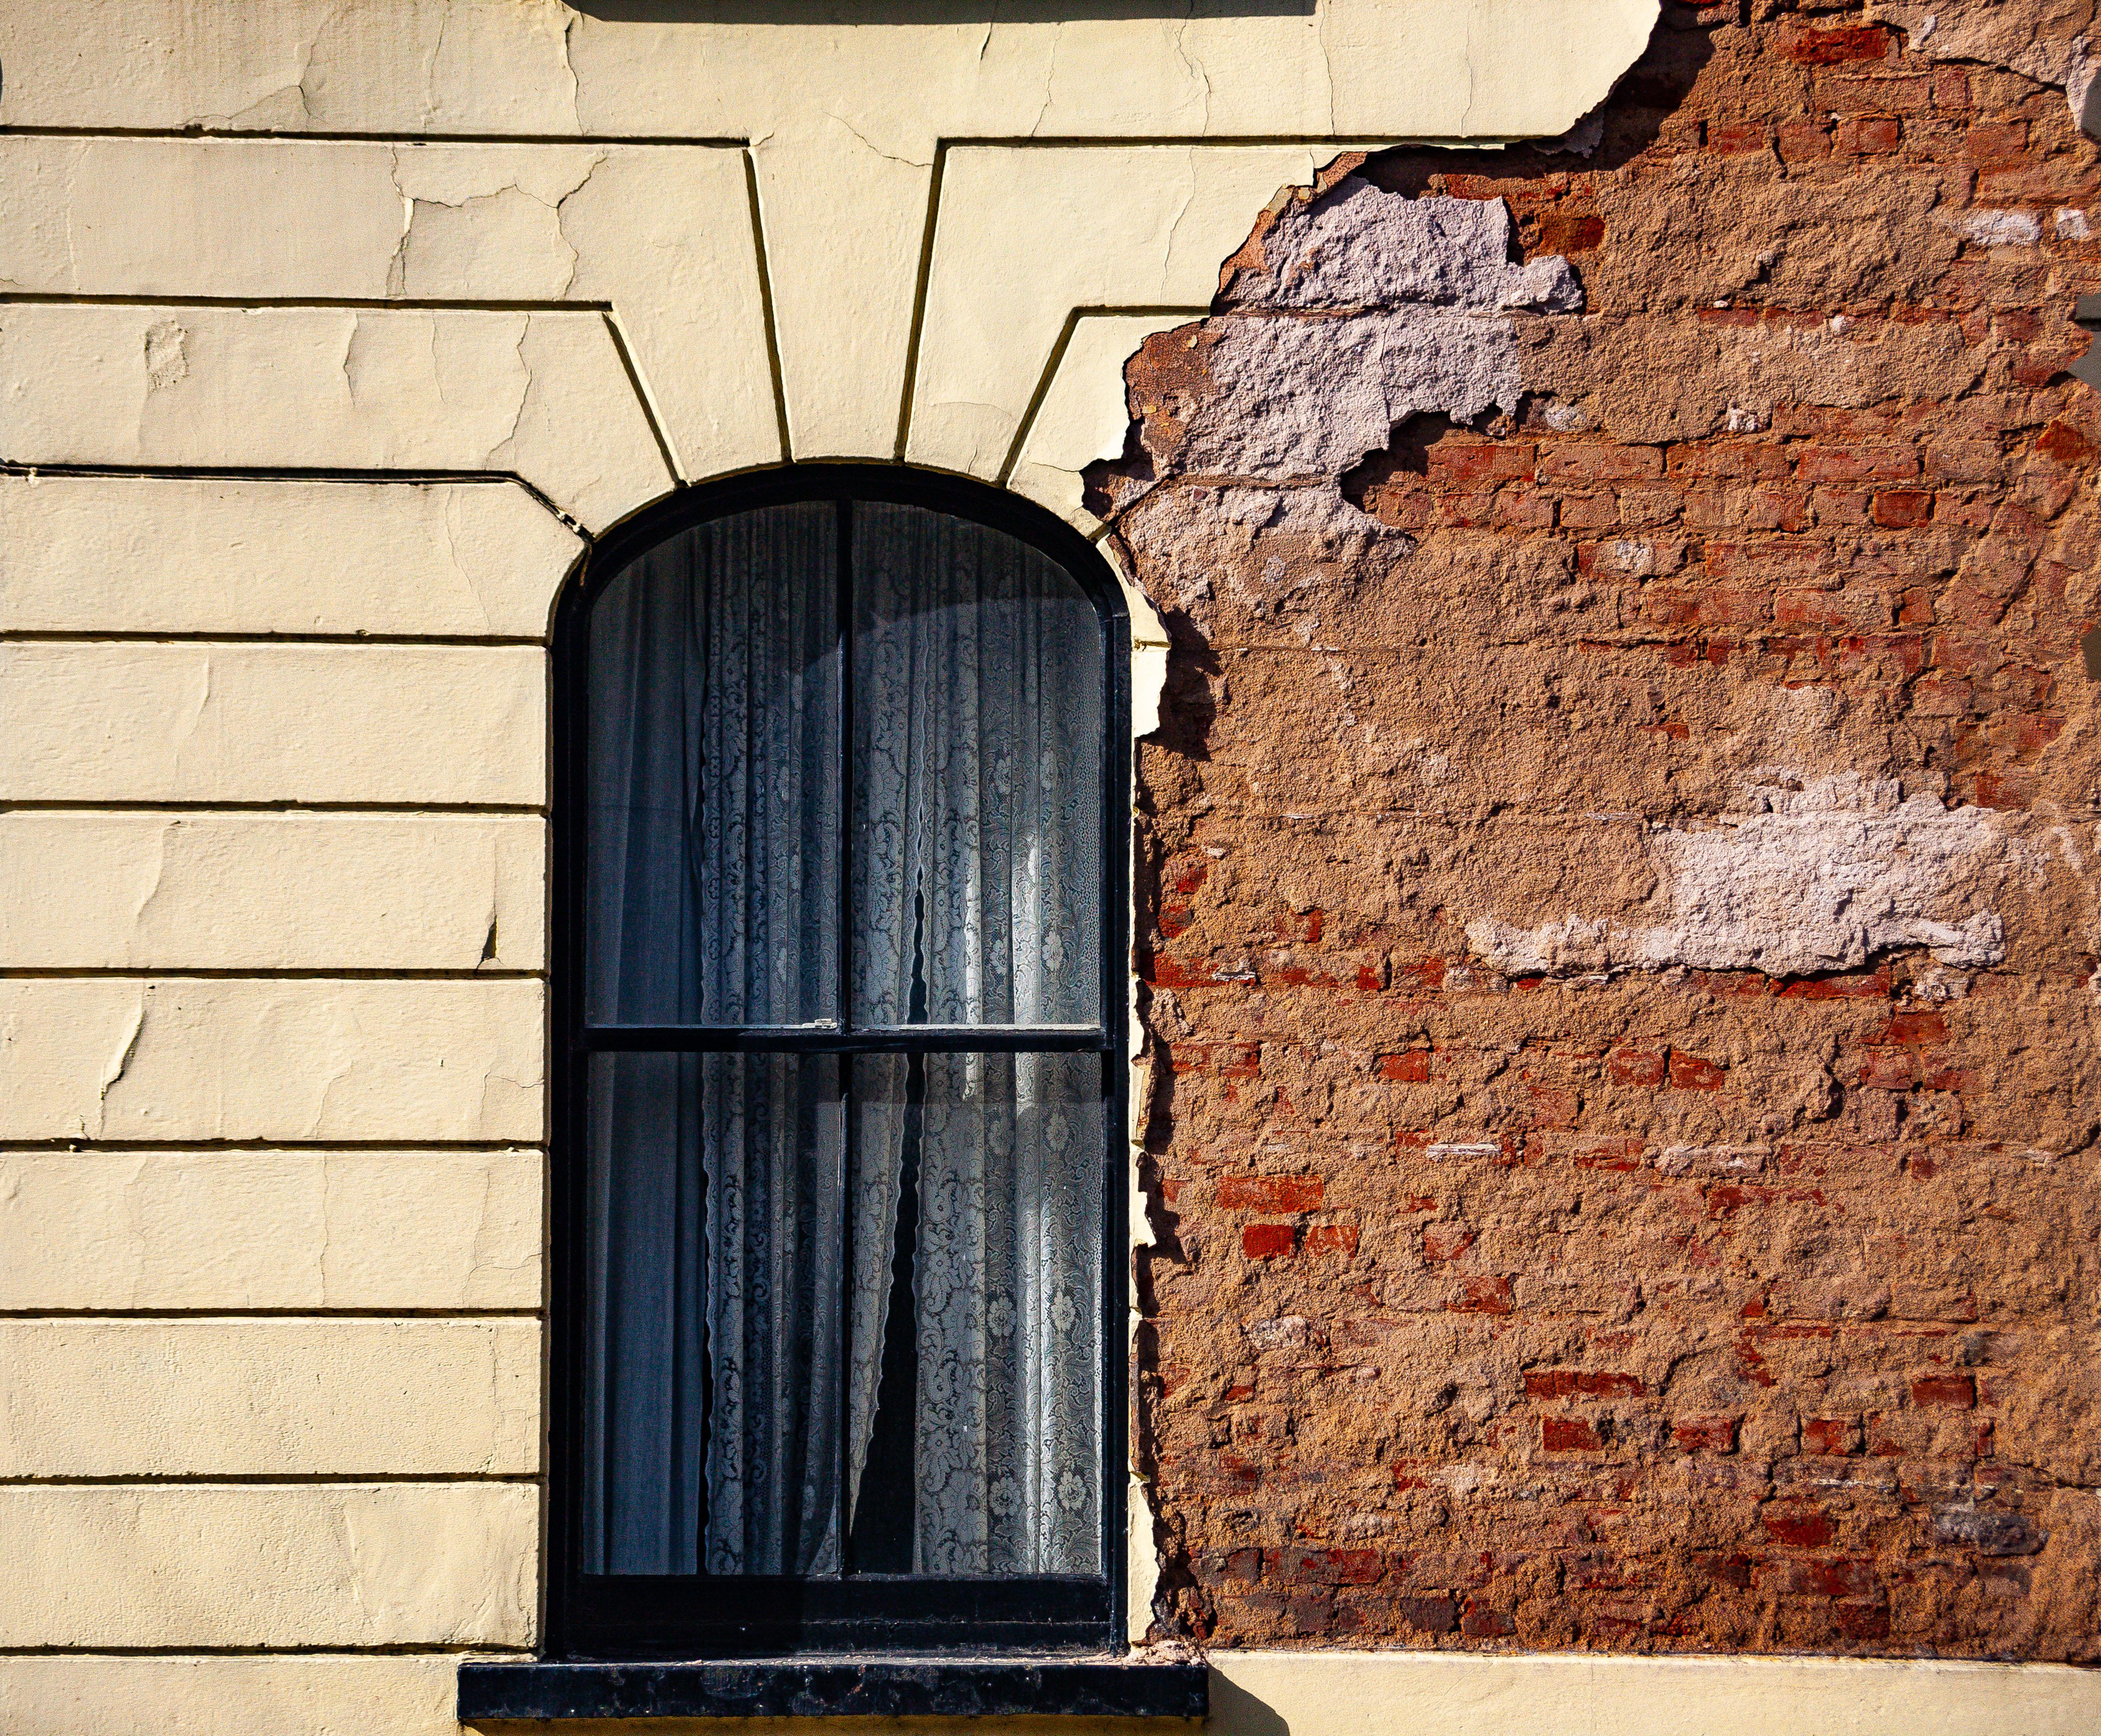 N Ireland, Limavady Prov, Window, 2009, IMG 0202